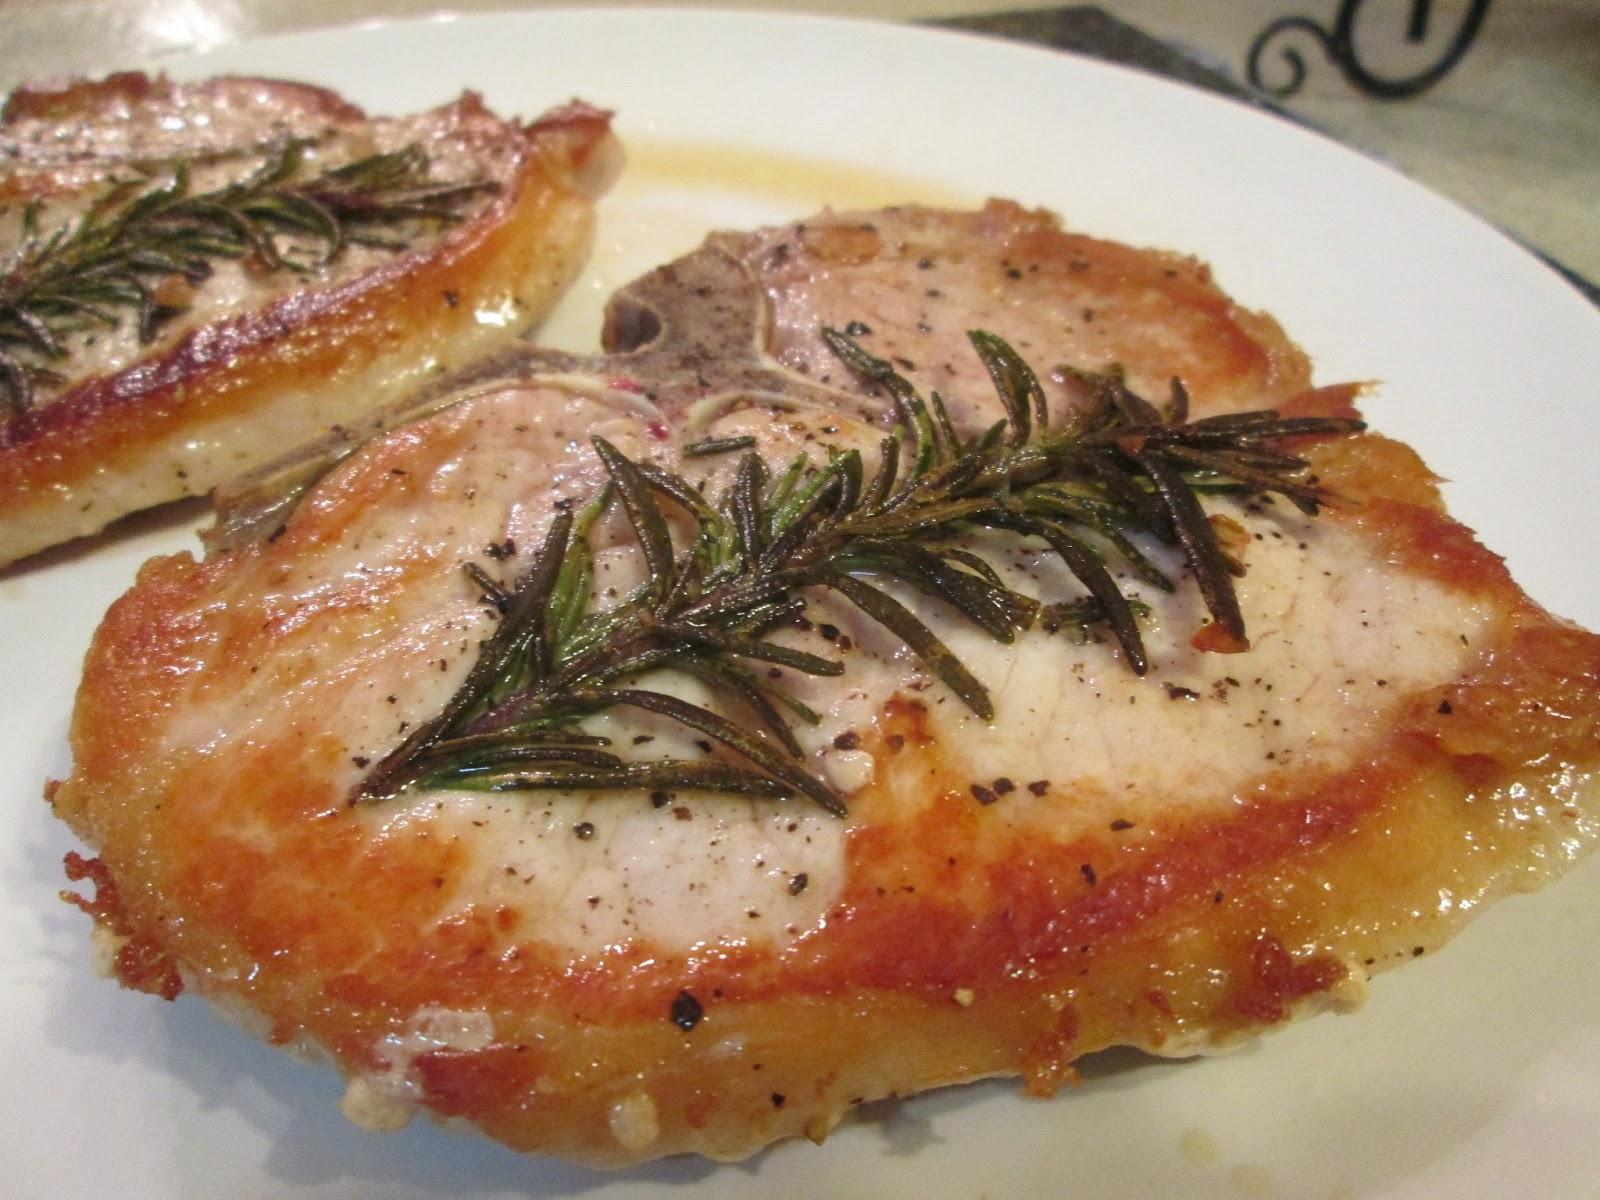 rosemary pork chop ingredients 2 bone in pork chops 2